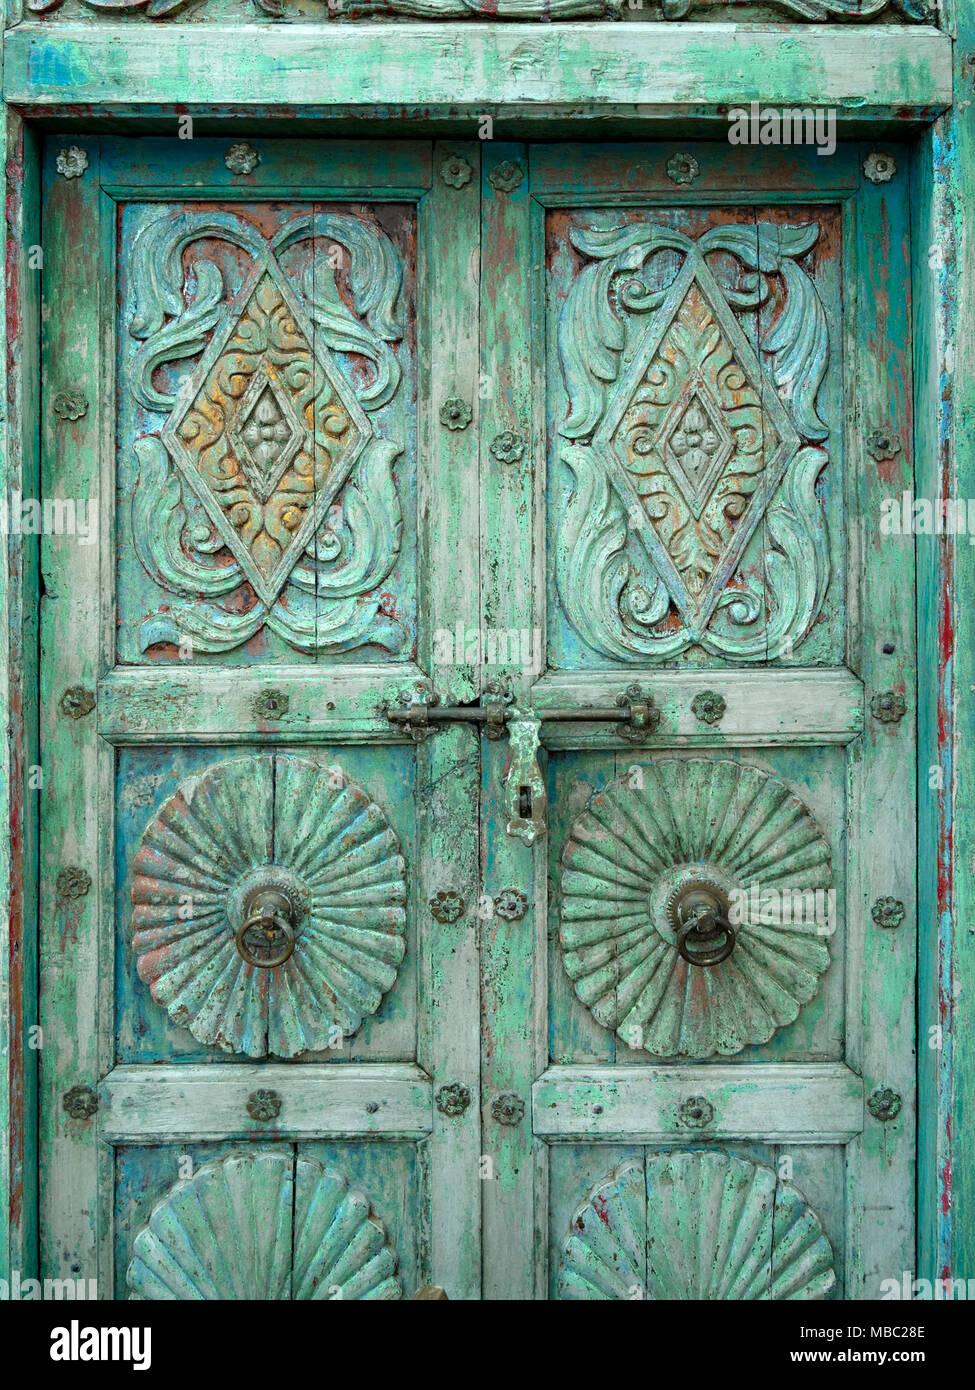 Alte Distressed Verzierten Antiken Türen Mit Holz Im Garten Klassiker  Reklamation Yard, Ashwell, Rutland, Großbritannien